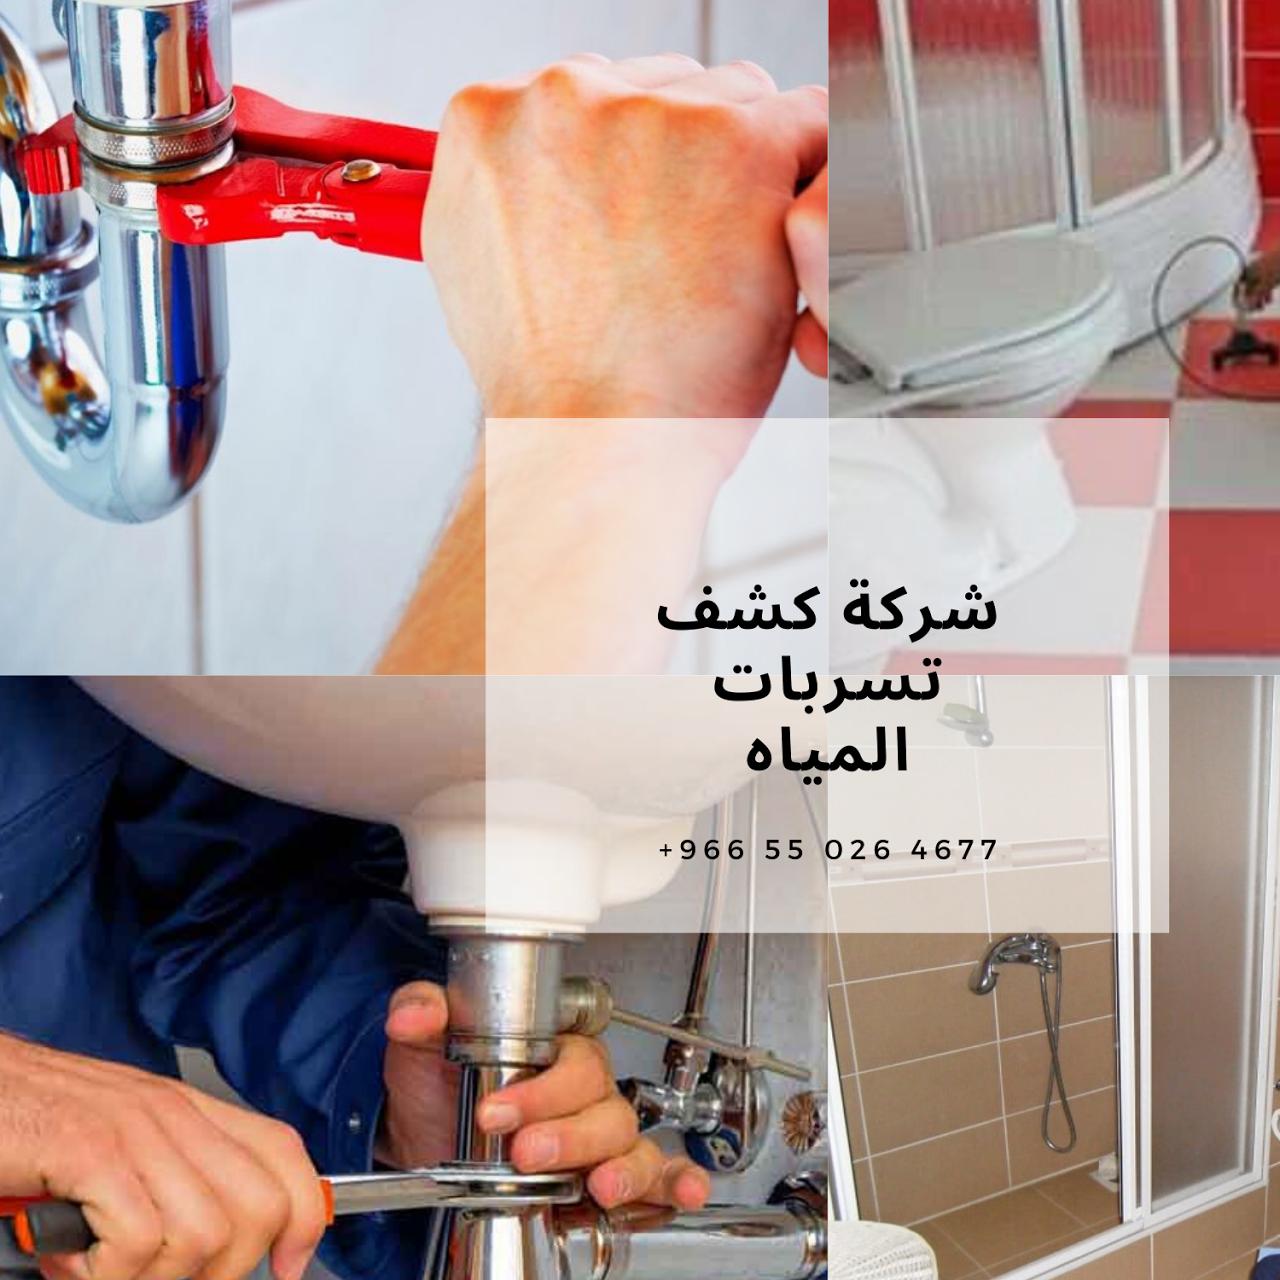 شركة كشف تسربات المياه خدمة إصلاح الأضرار الناتجة عن المياه في الرياض Soap Bottle Hand Soap Bottle Can Opener